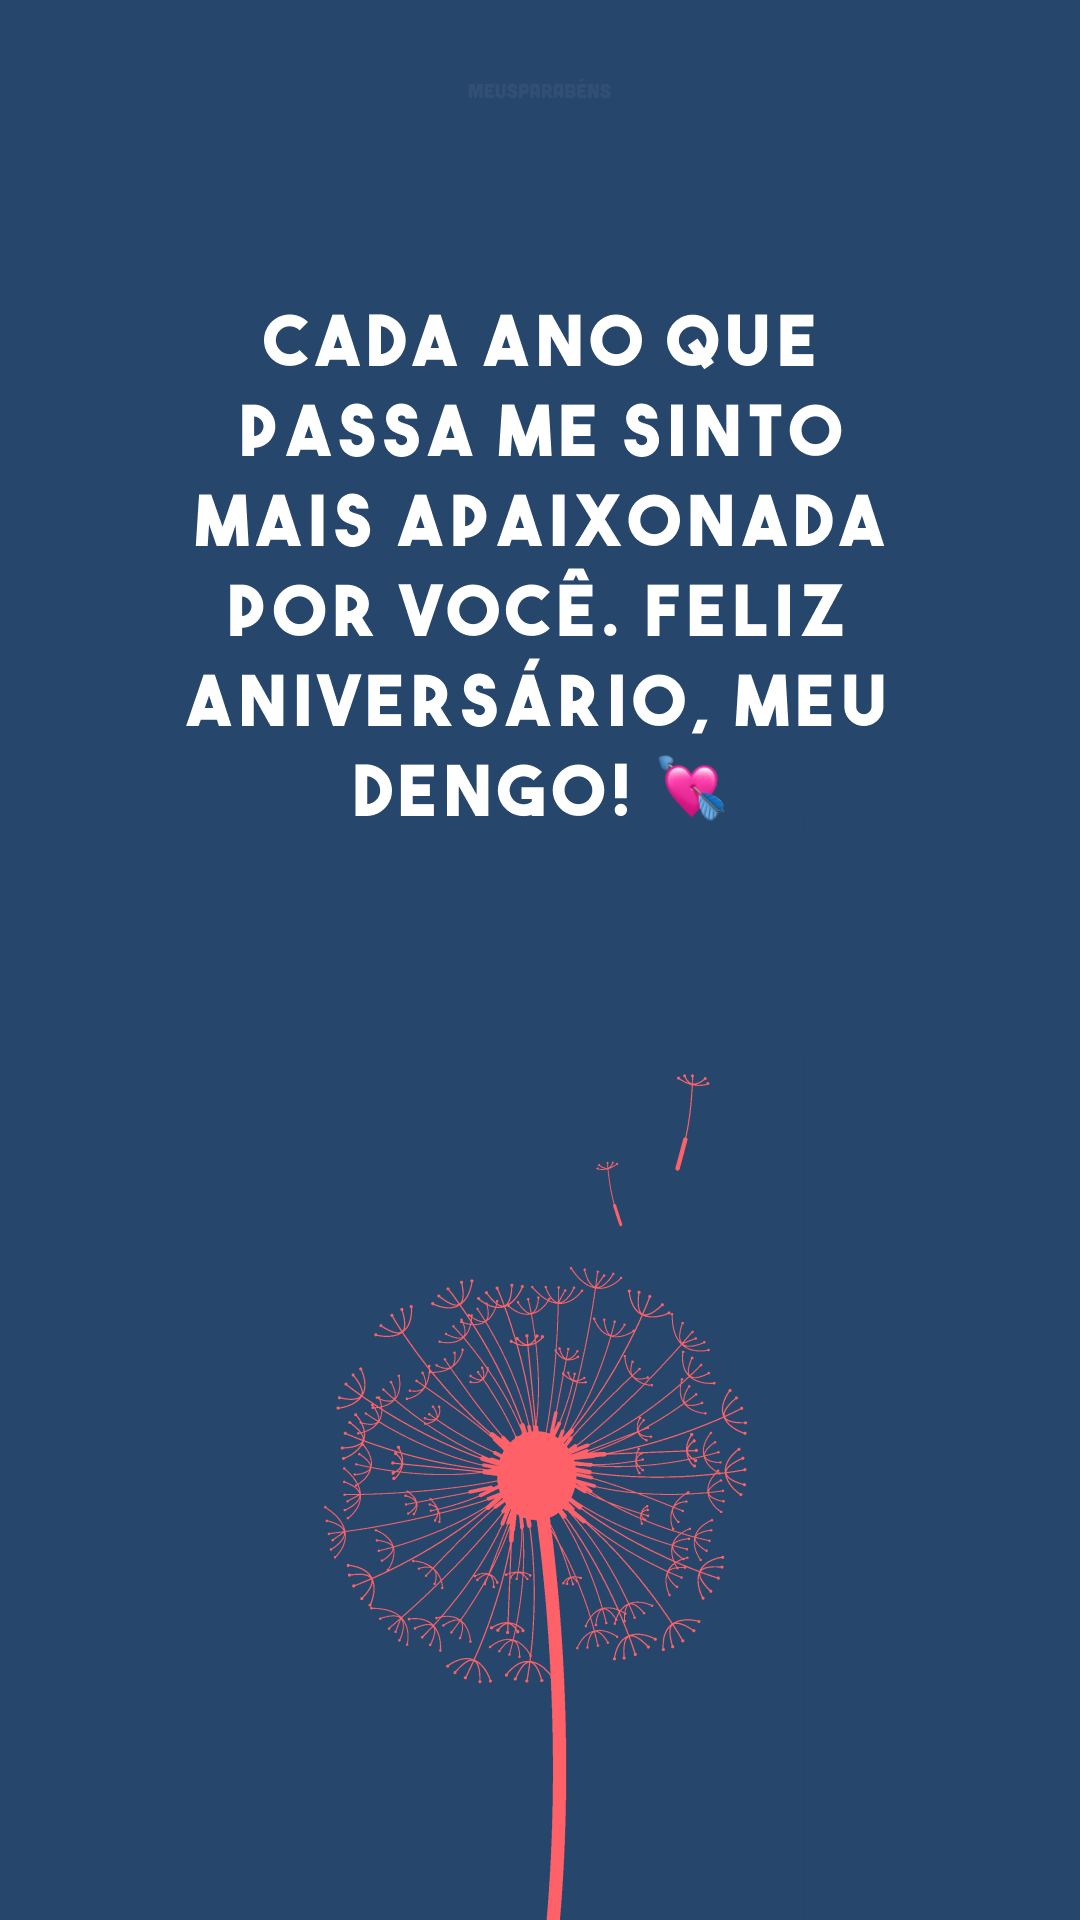 Cada ano que passa me sinto mais apaixonada por você. Feliz aniversário, meu dengo! 💘